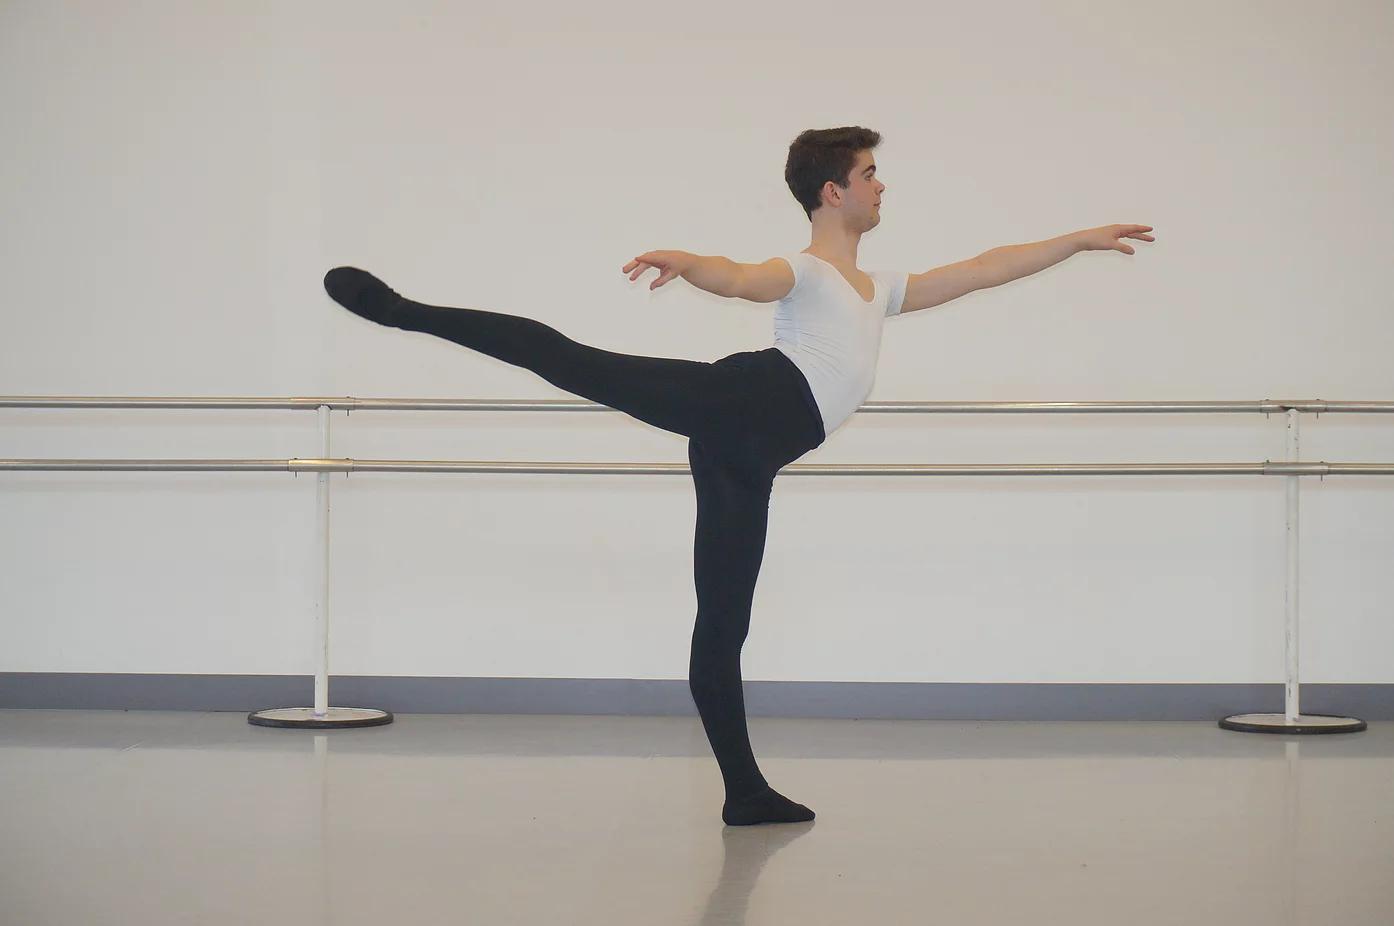 Carlos a été sélectionné sur audition pour participer aux Summer intensive courses (stages internationaux intensifs) du HET National à Amsterdam, de la Palucca Schulle à Dresde et de l'American Ballet Theater de Los Angeles ou il a obtenu une bourse.